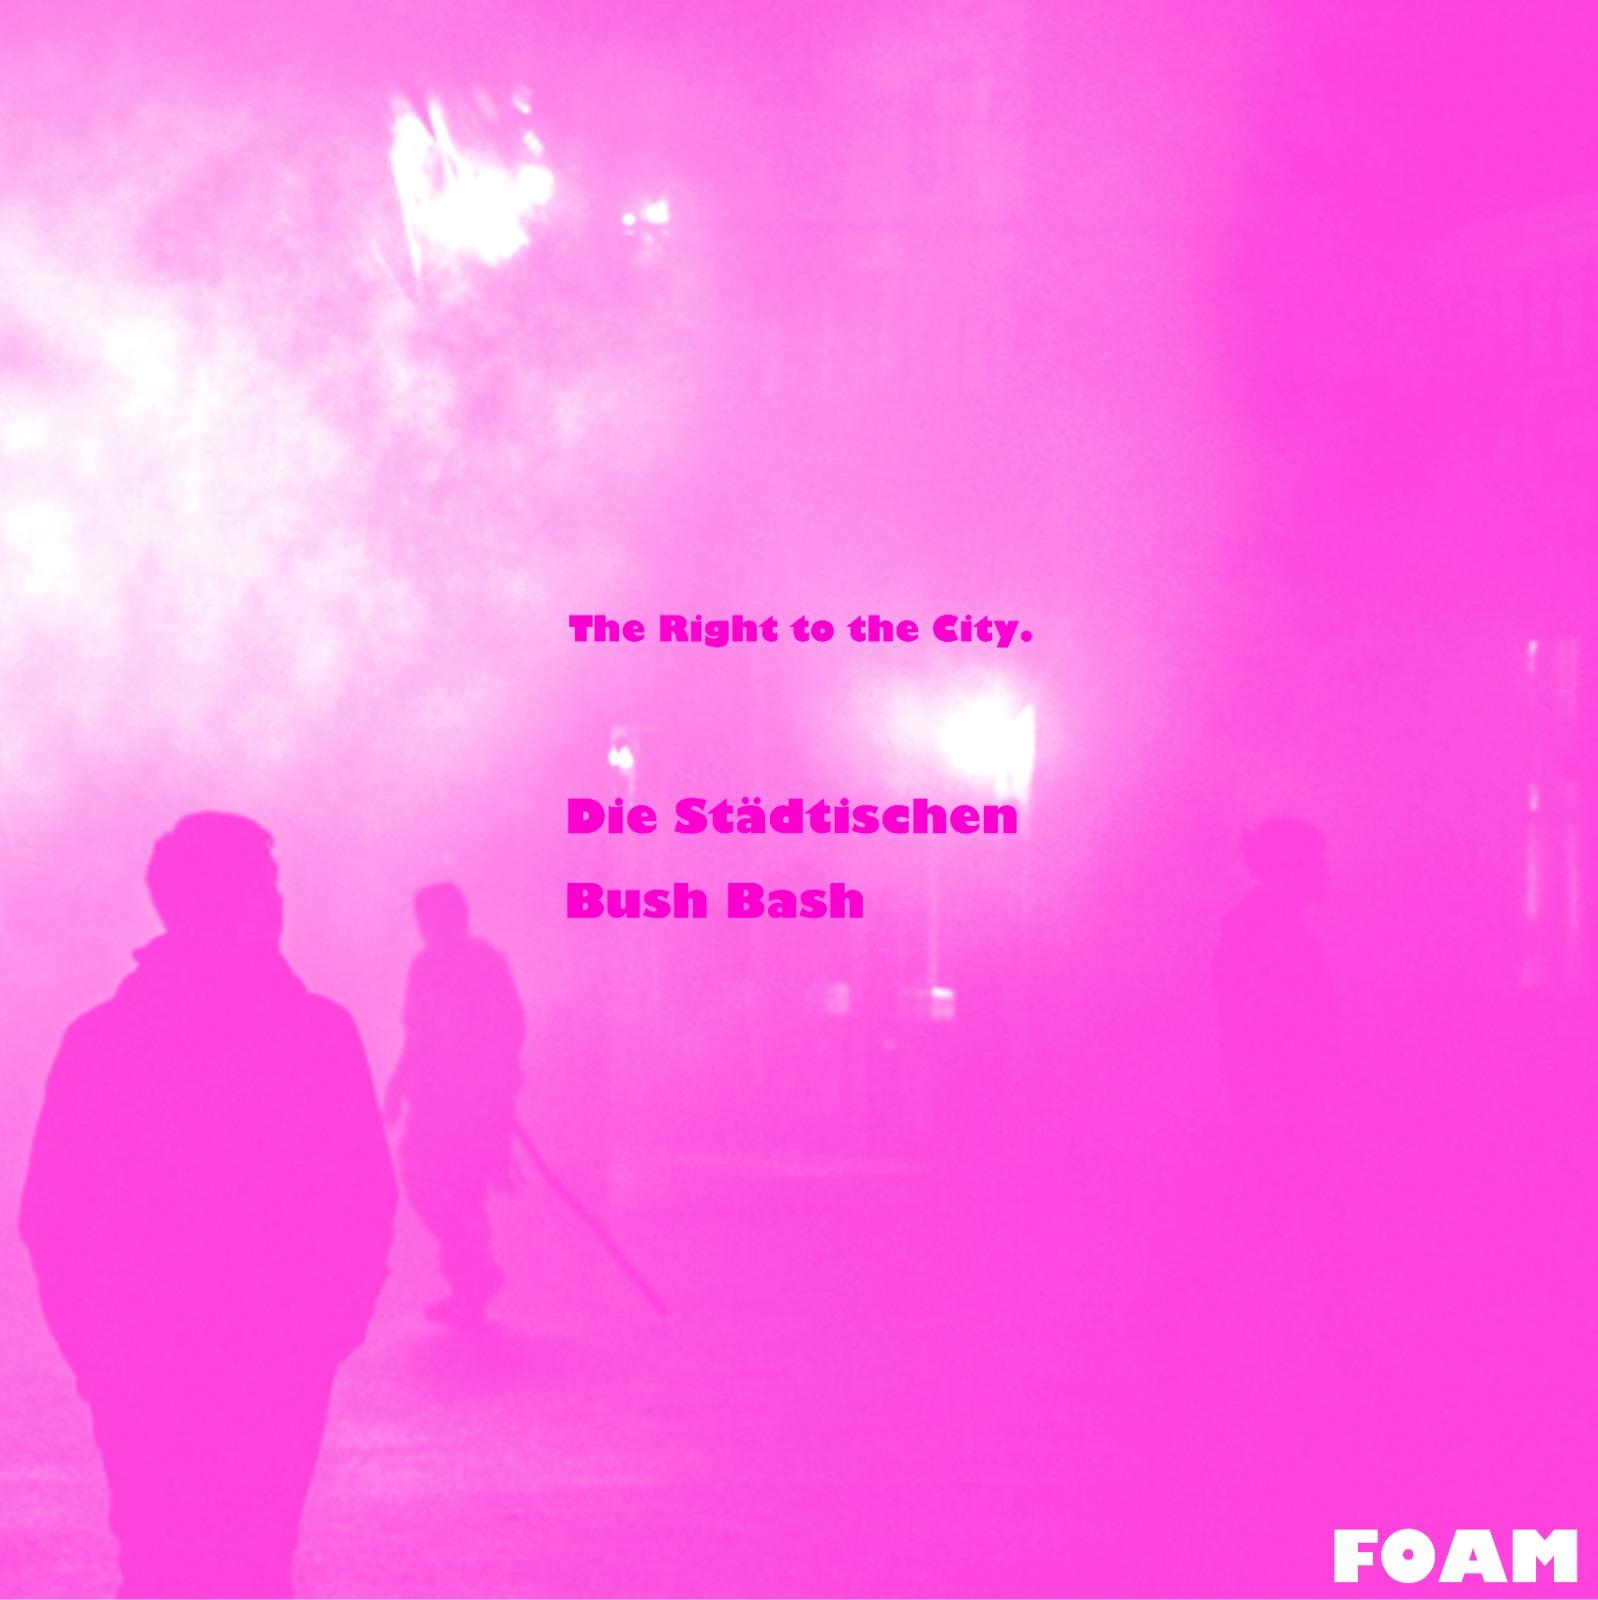 Season 1, Episode 4: live event: FOAM meets KOLLEKTIV BUSHBASH and DIE STÄDTISCHEN